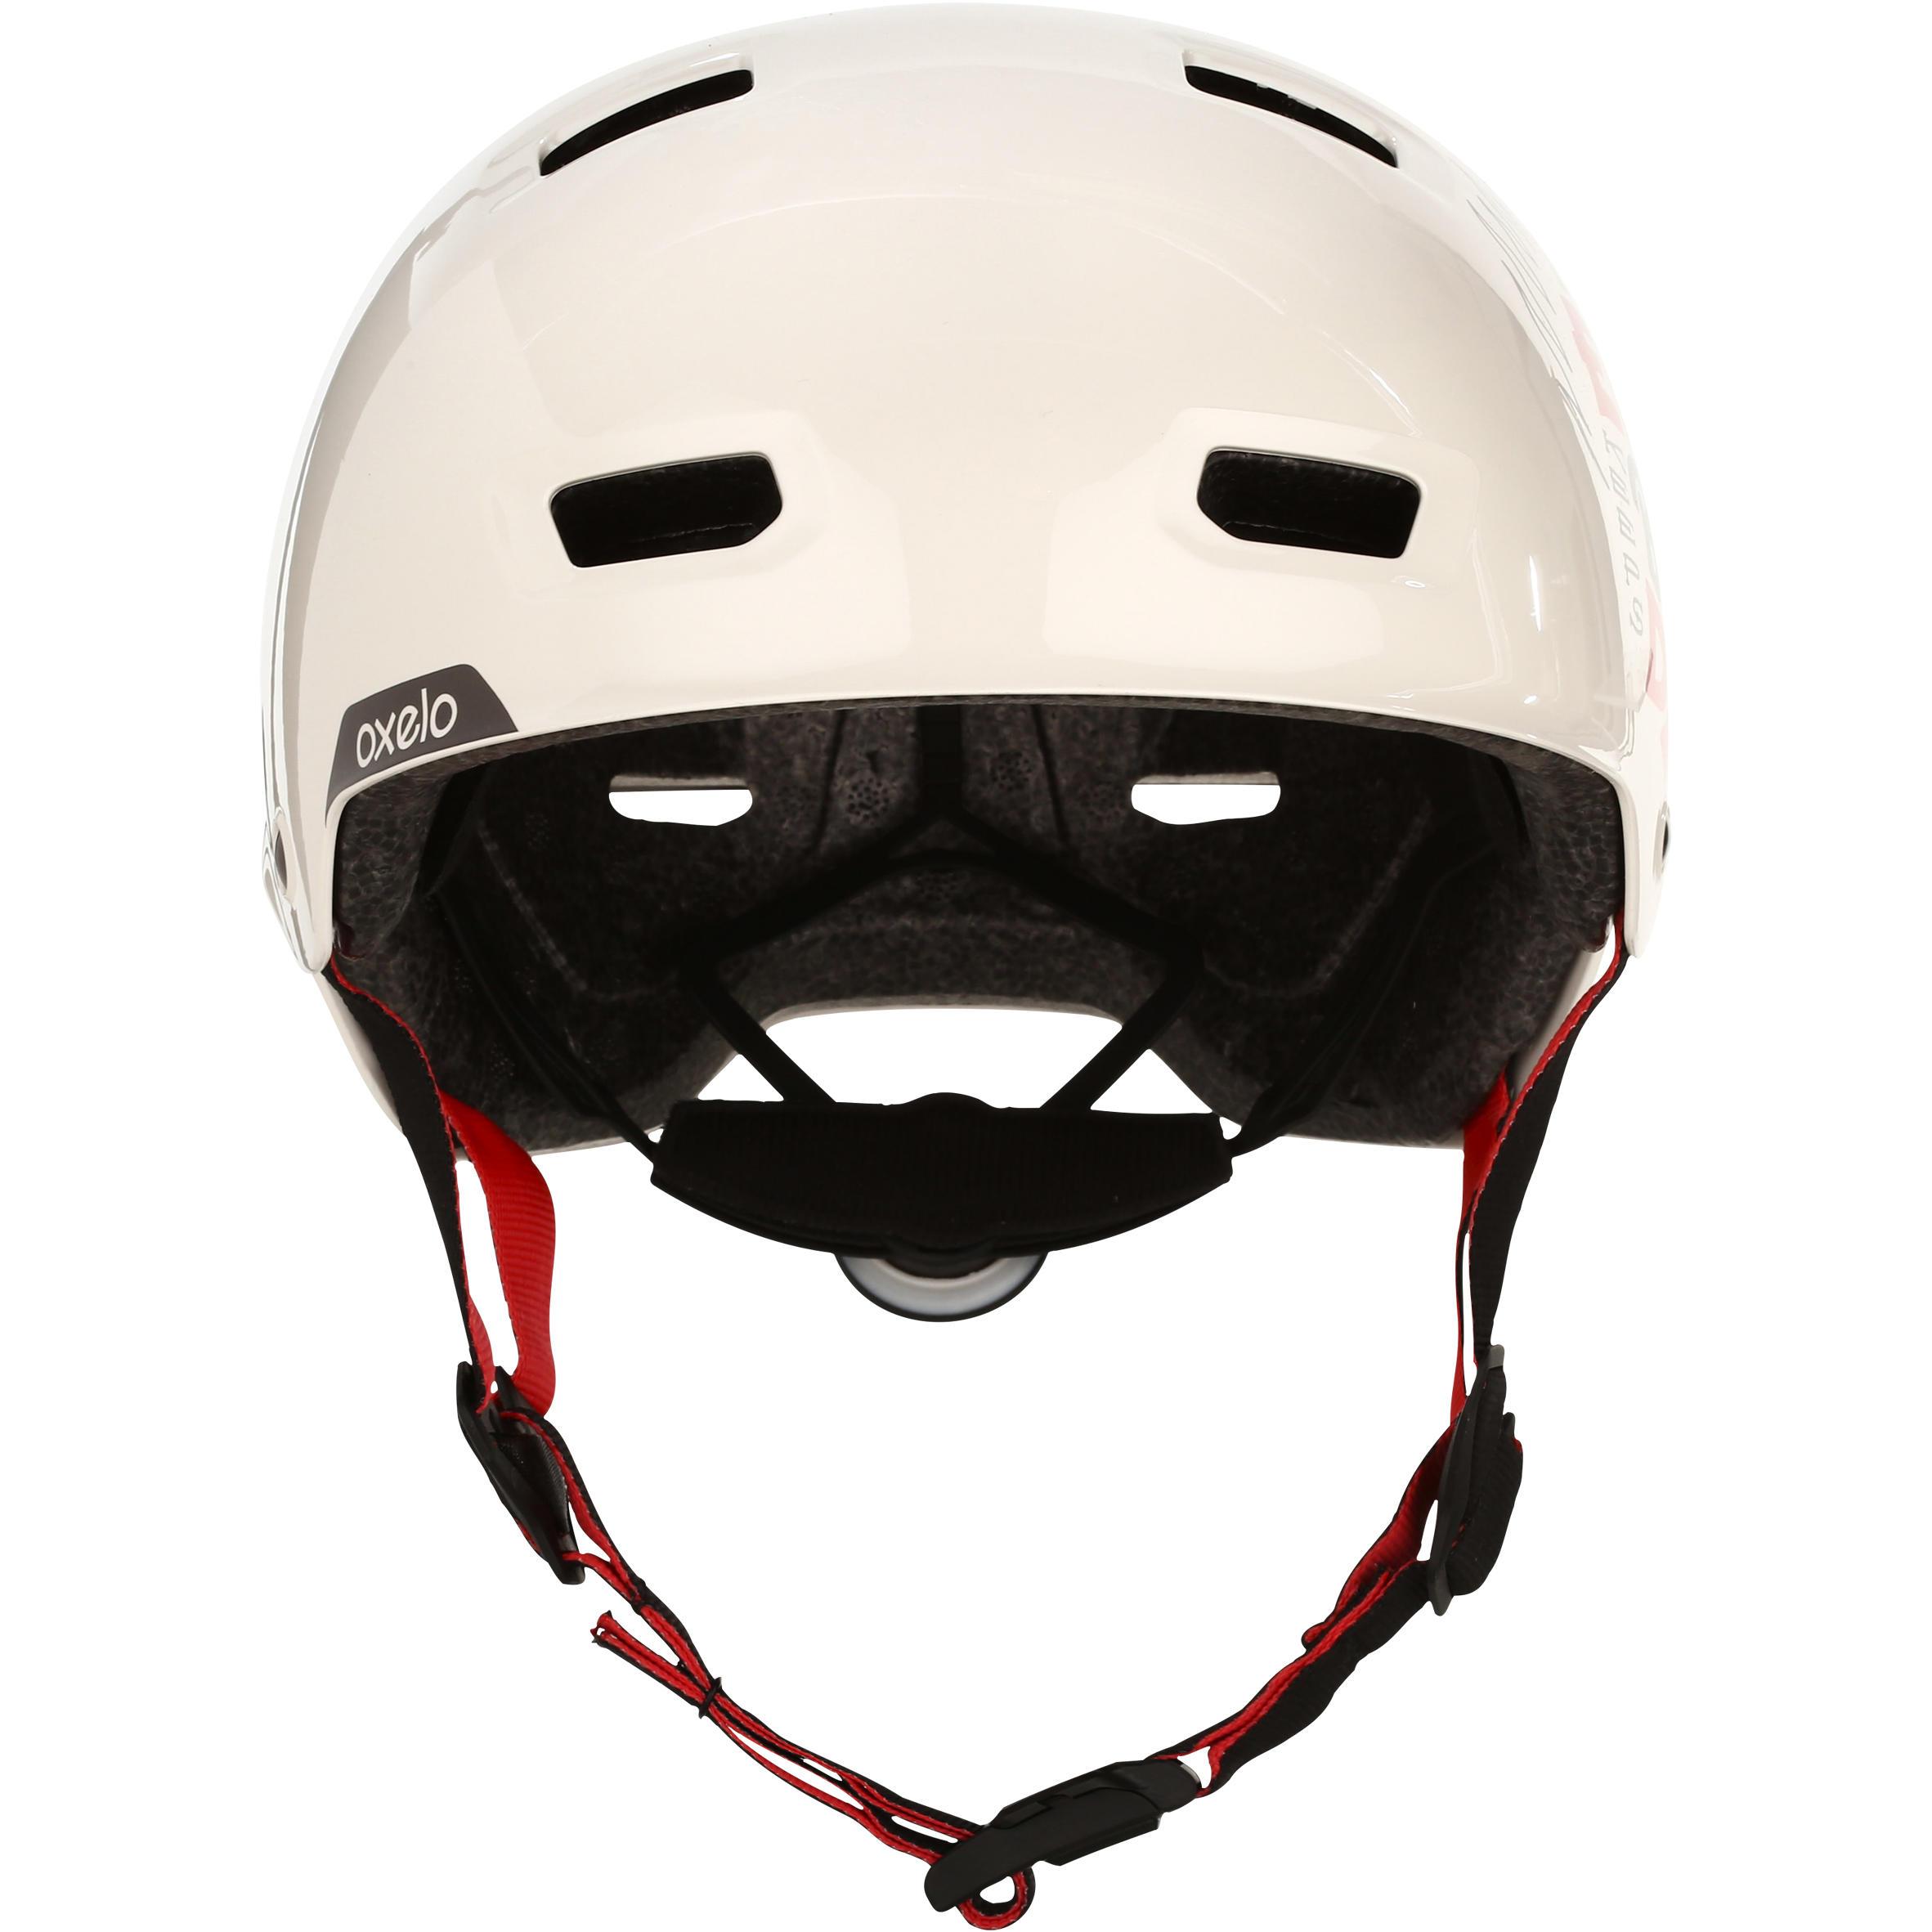 Casque patin roulettes, planche roulettes, trottinette vélo MF540 BAD DAYS crème